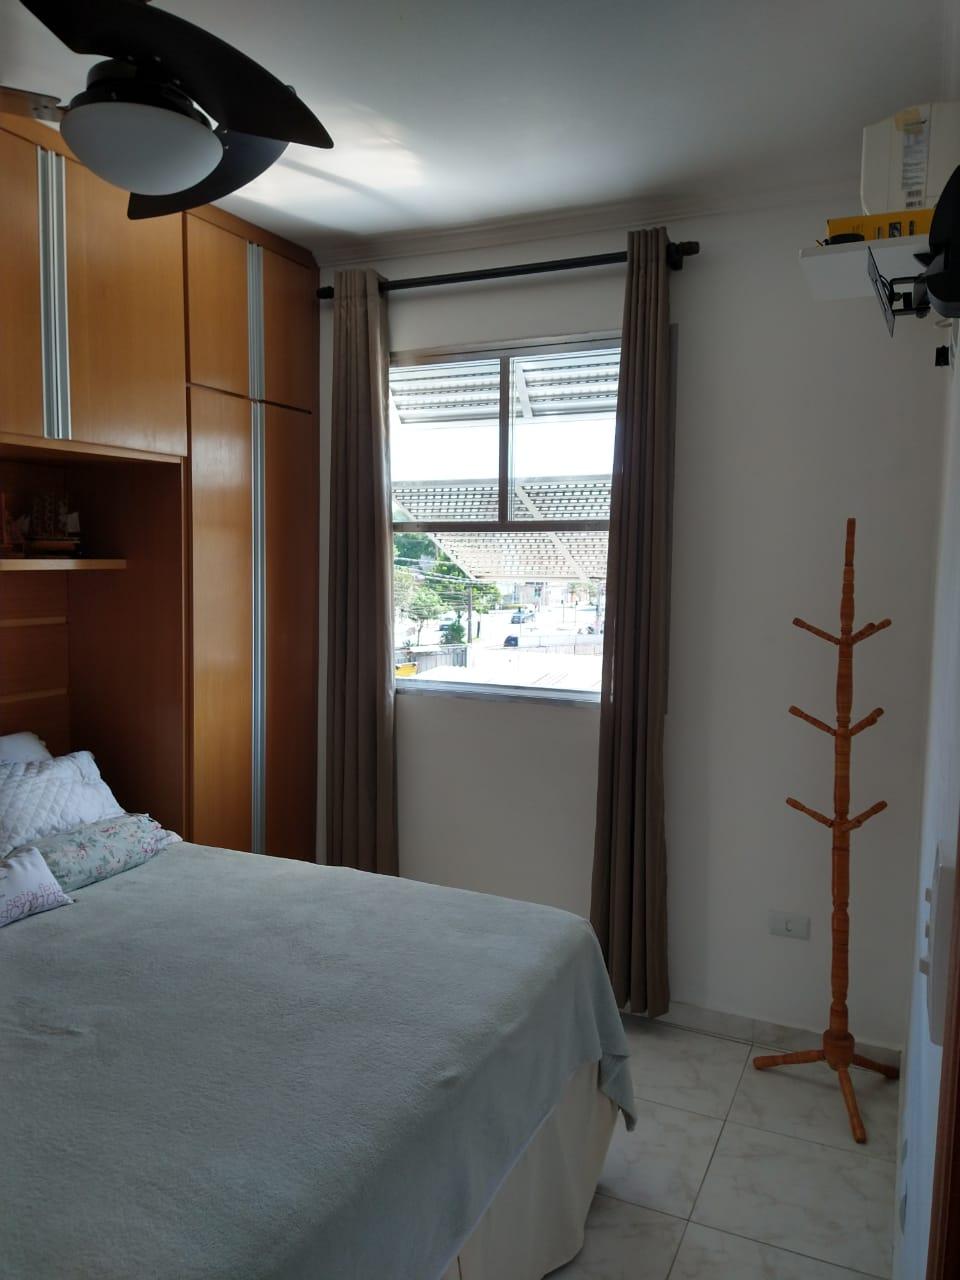 próximo ao canal 5 em prédio de 3 andares , bom apartamento totalmente reformado com 2 dormitórios . - foto 8